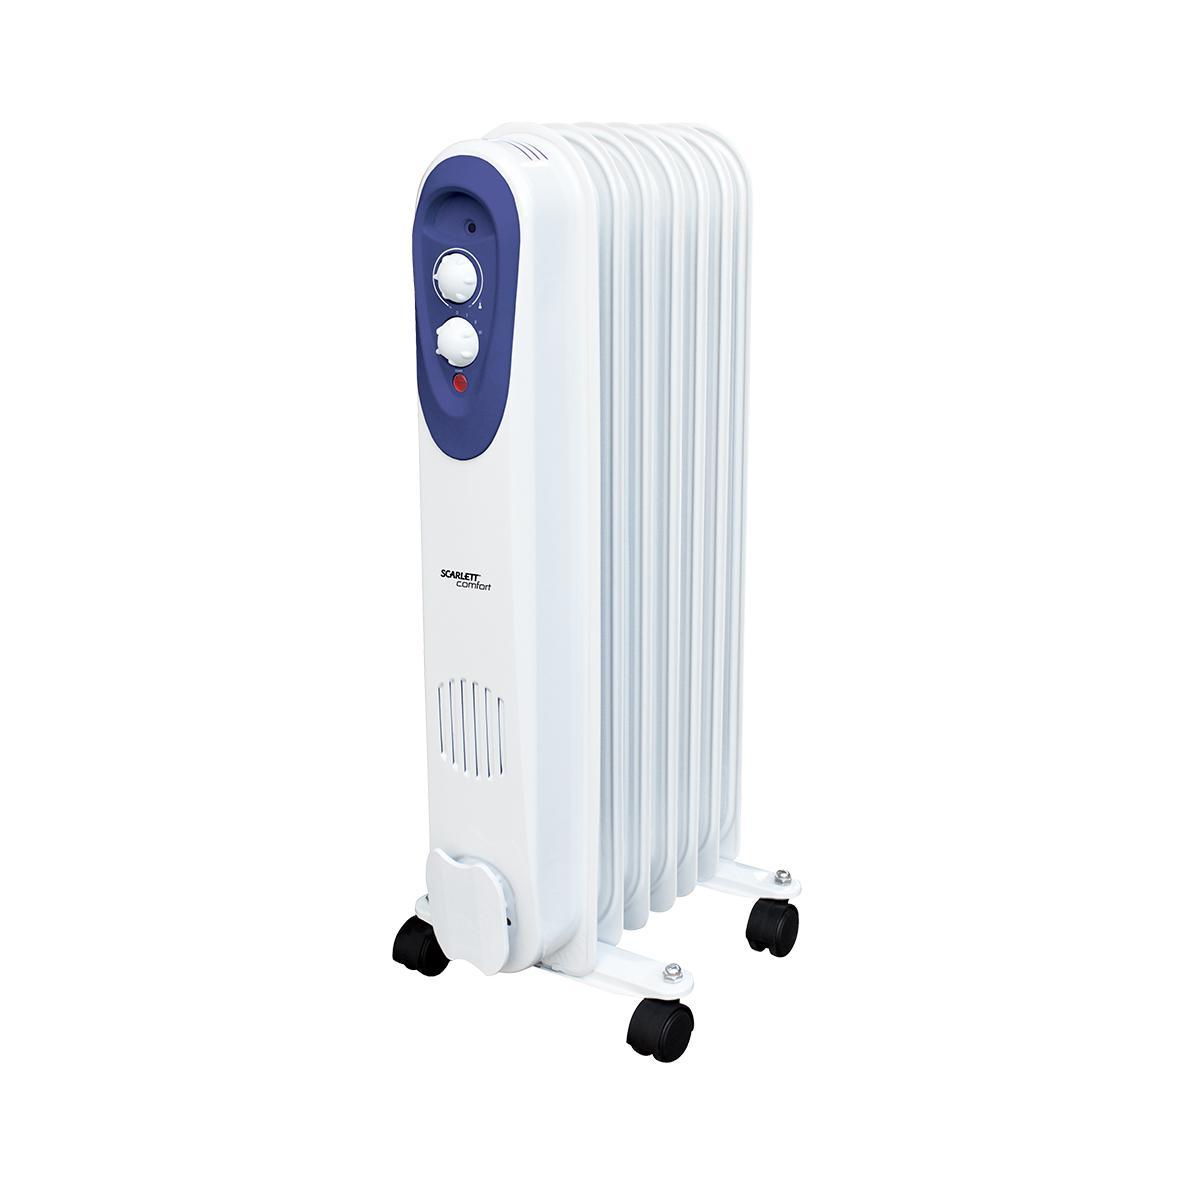 Радиатор Scarlett Sc 21.1507 s3